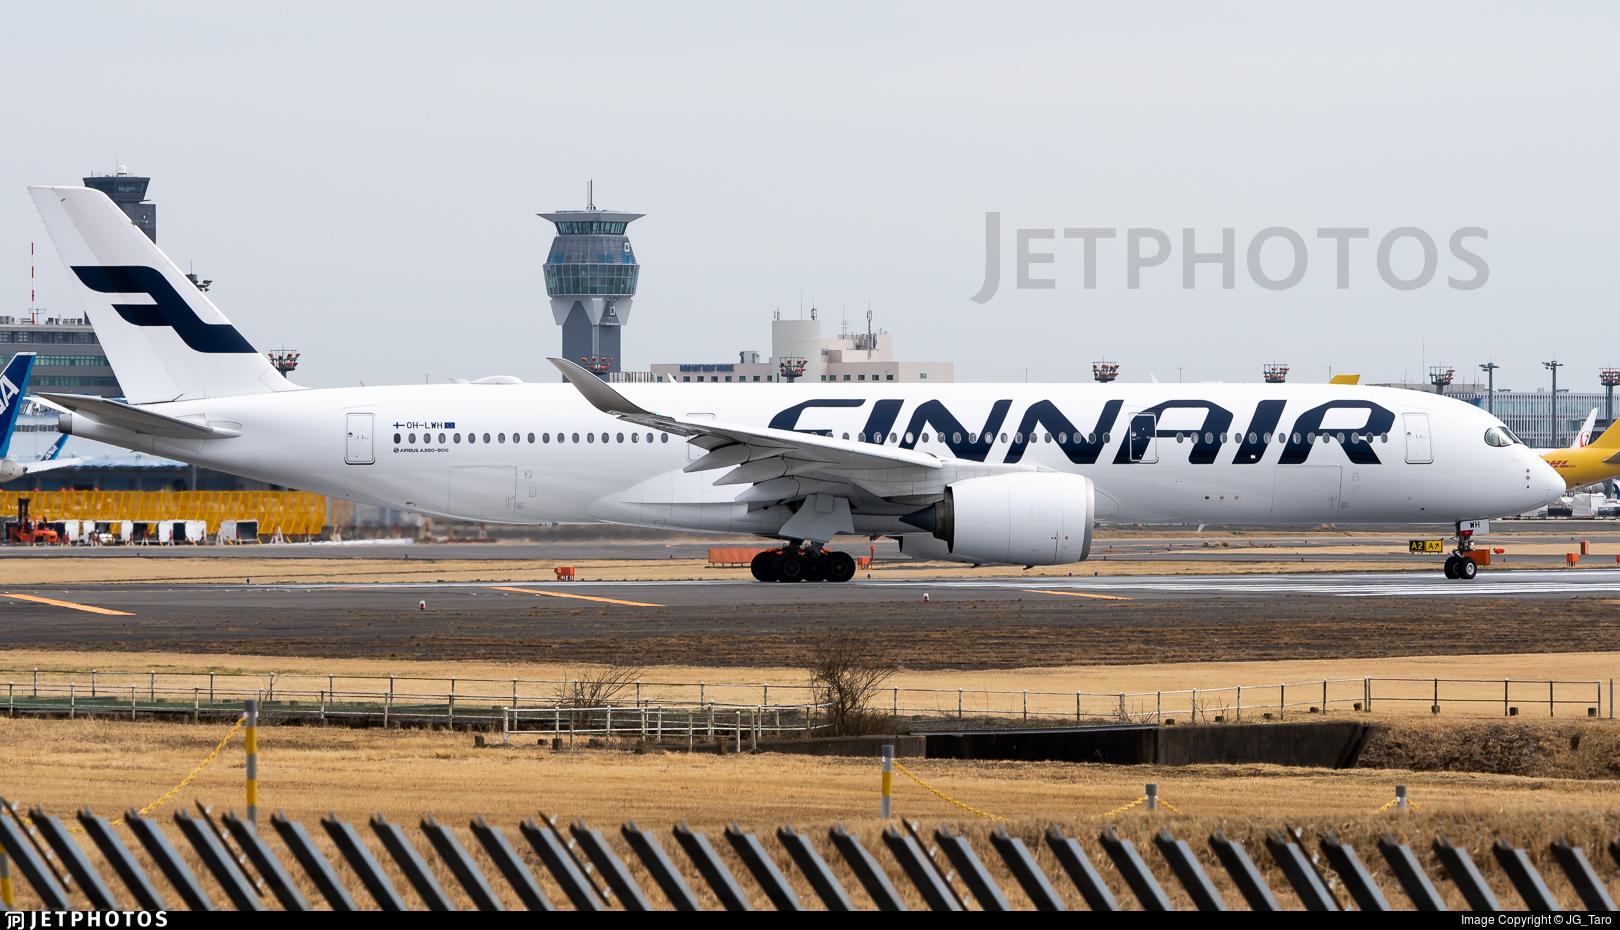 OH-LWH - Airbus A350-941 - Finnair